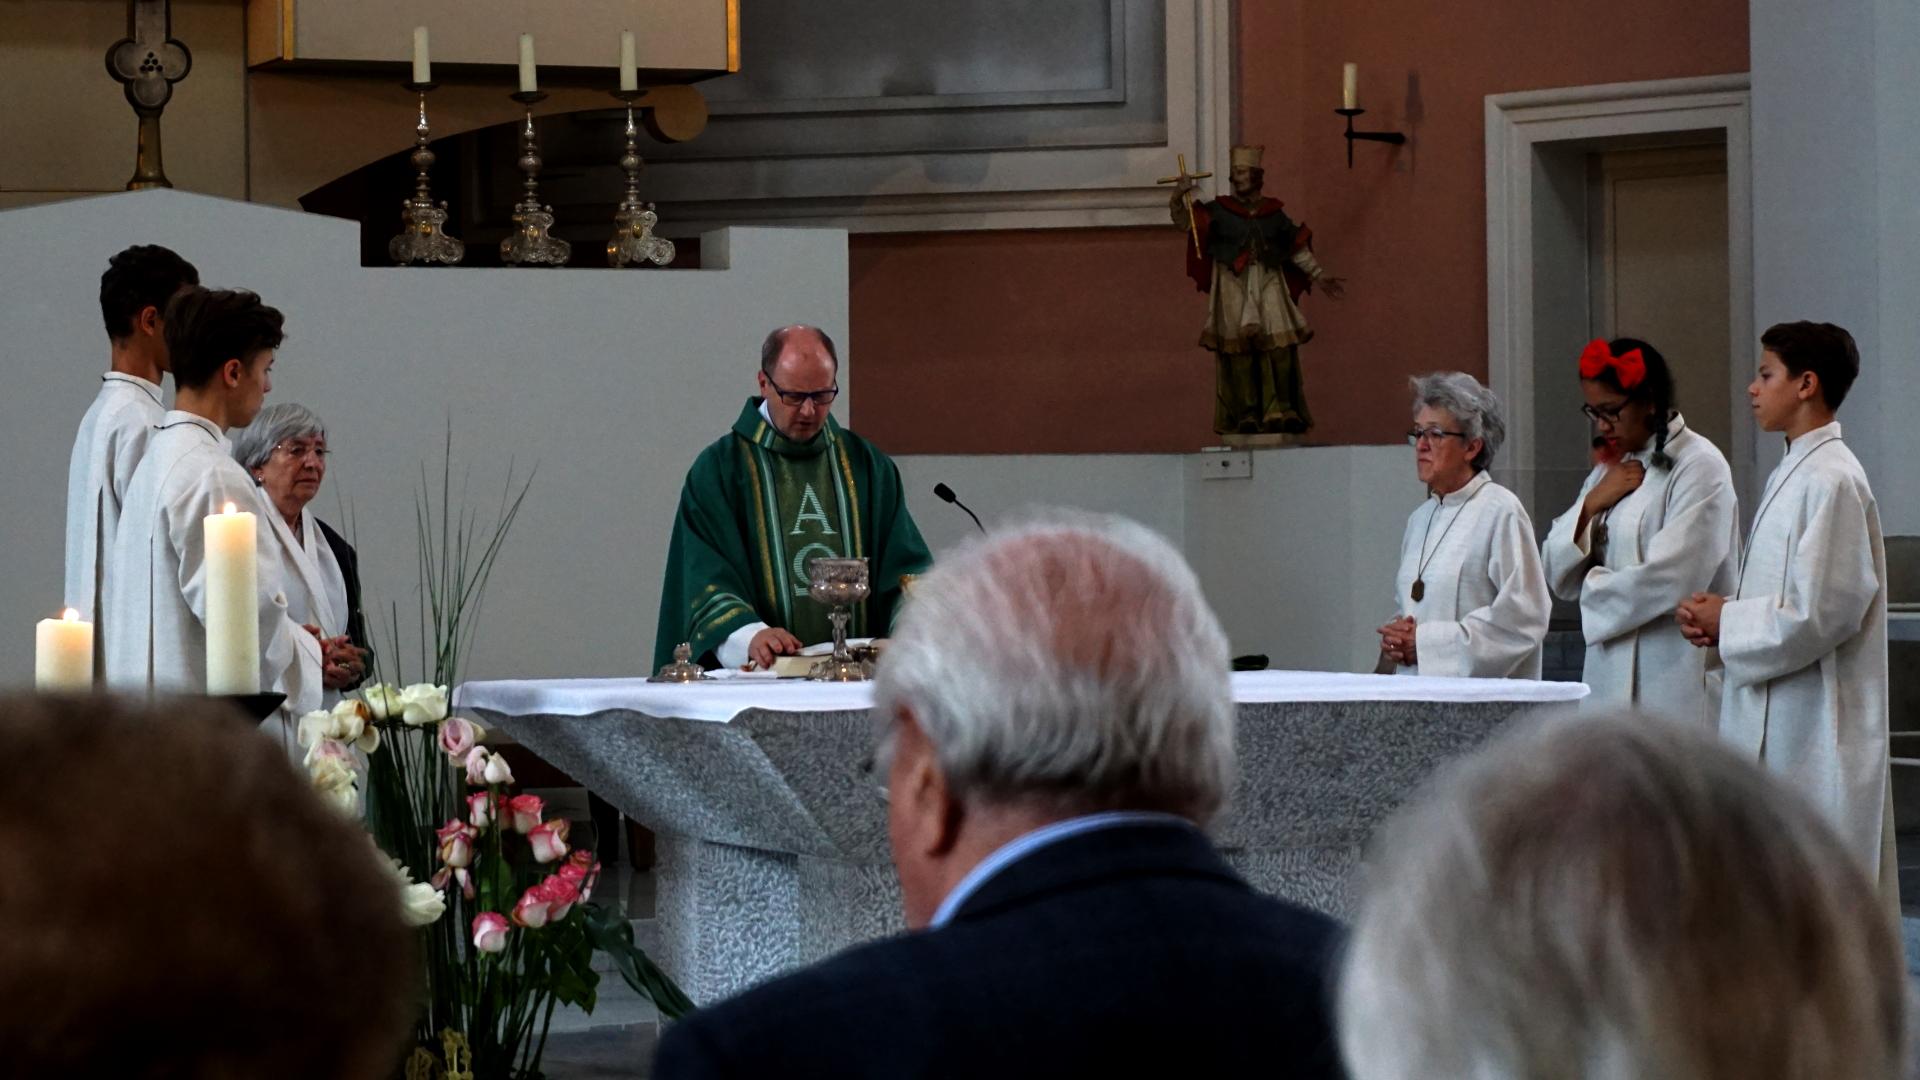 Eucharistiegebet Hochamt St. Clemens, Hannover — Experiment